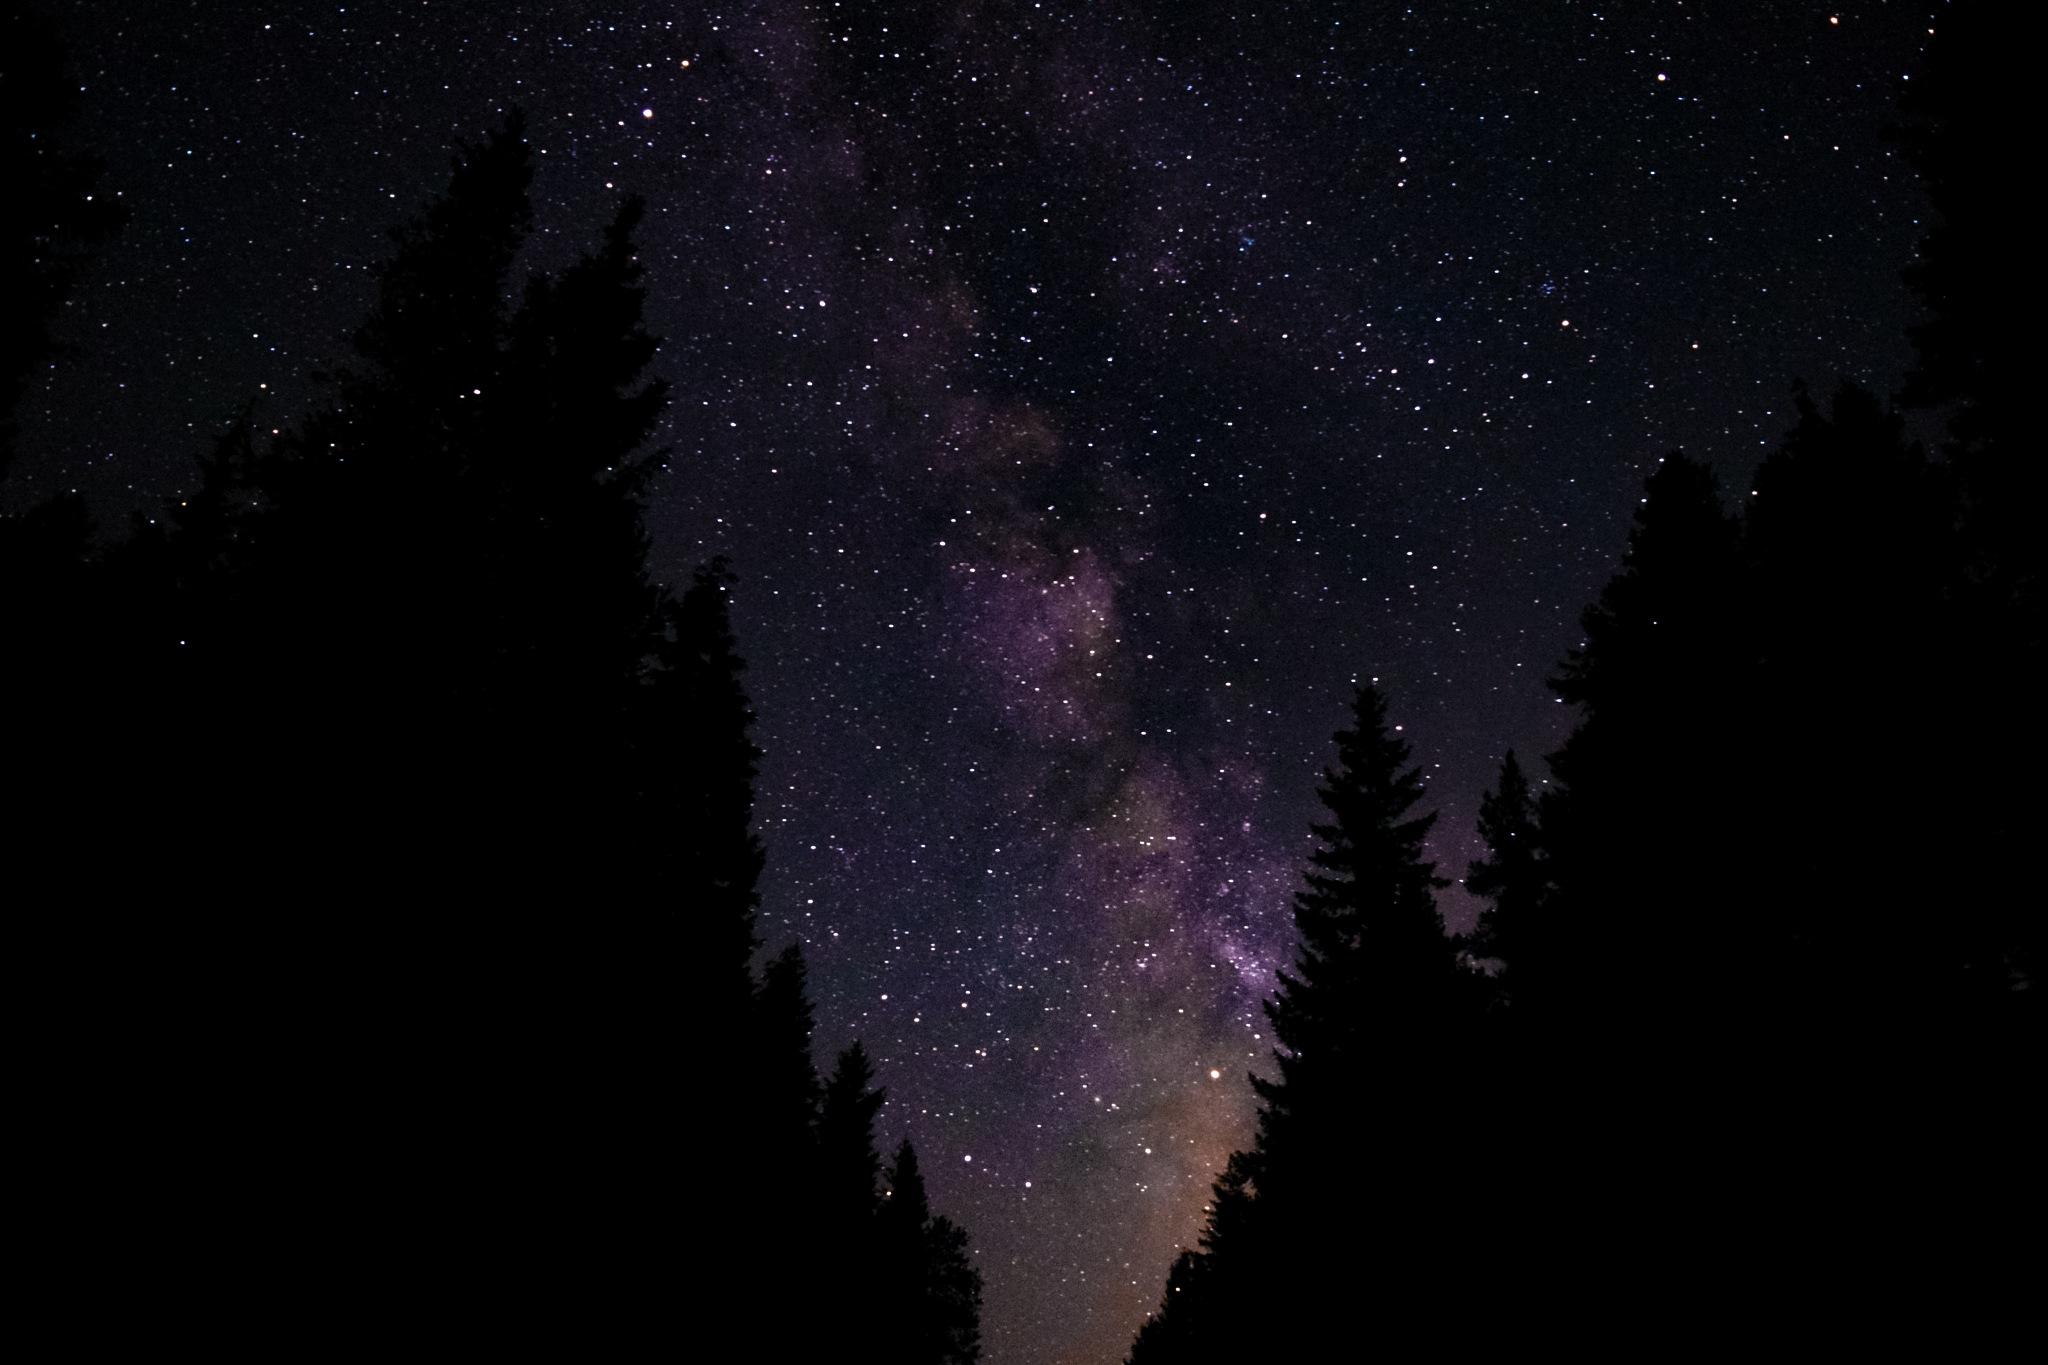 Milky Way by Casey Underwood